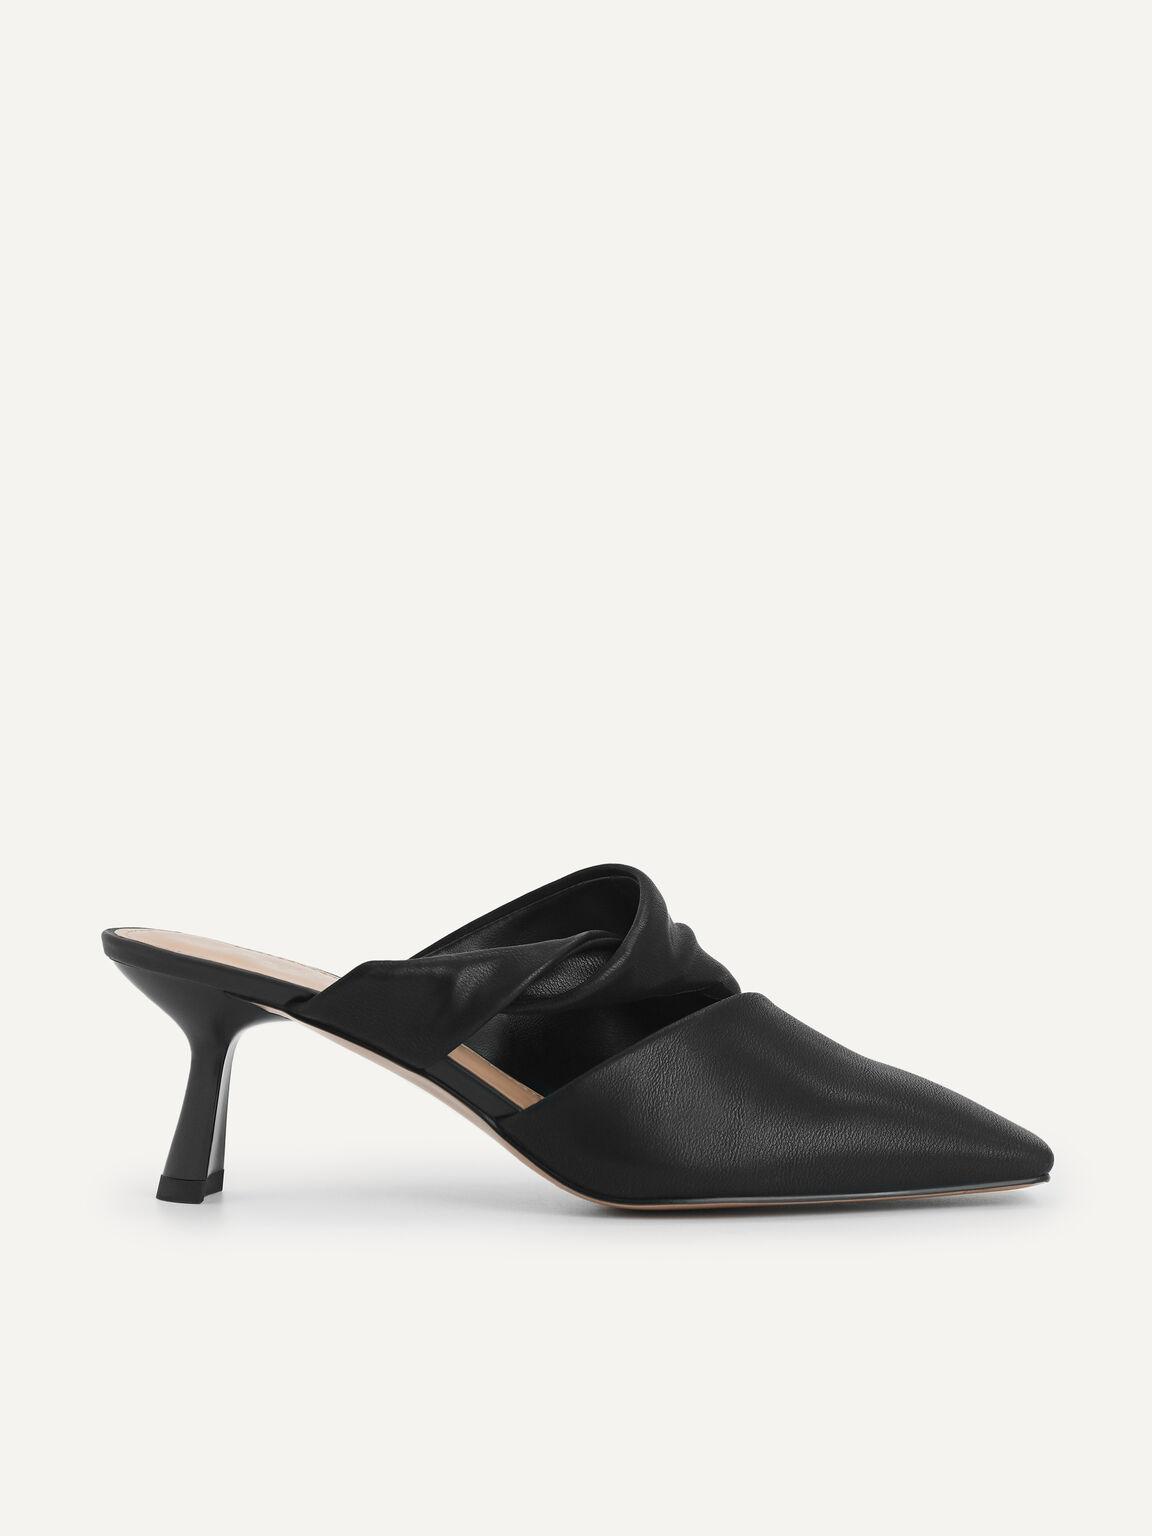 Square-Toe Heels, Black, hi-res